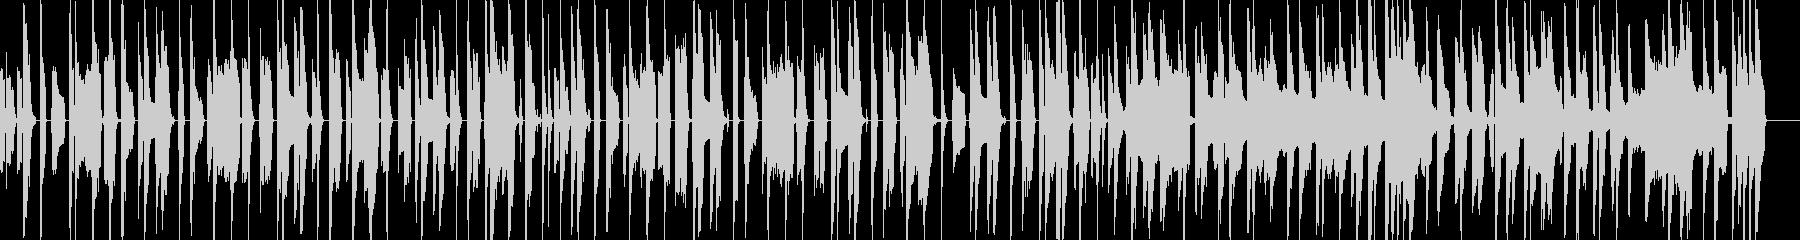 コミカルな日常の未再生の波形